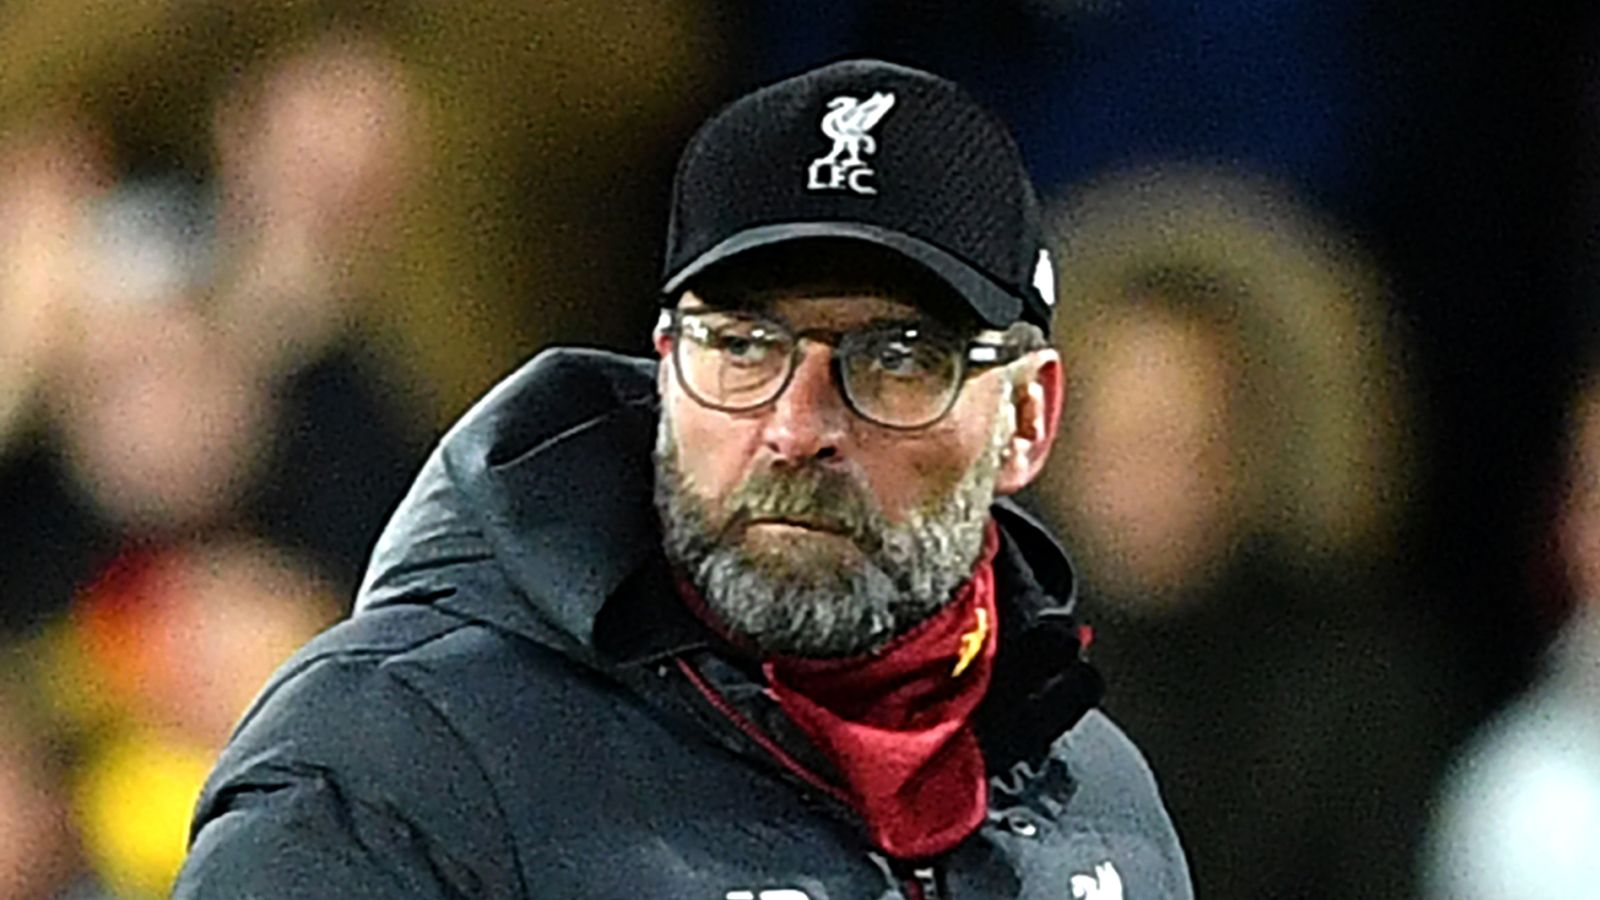 Jurgen Klopp no duda de sus jugadores de Liverpool después de la pérdida de Watford | Noticias de futbol 6